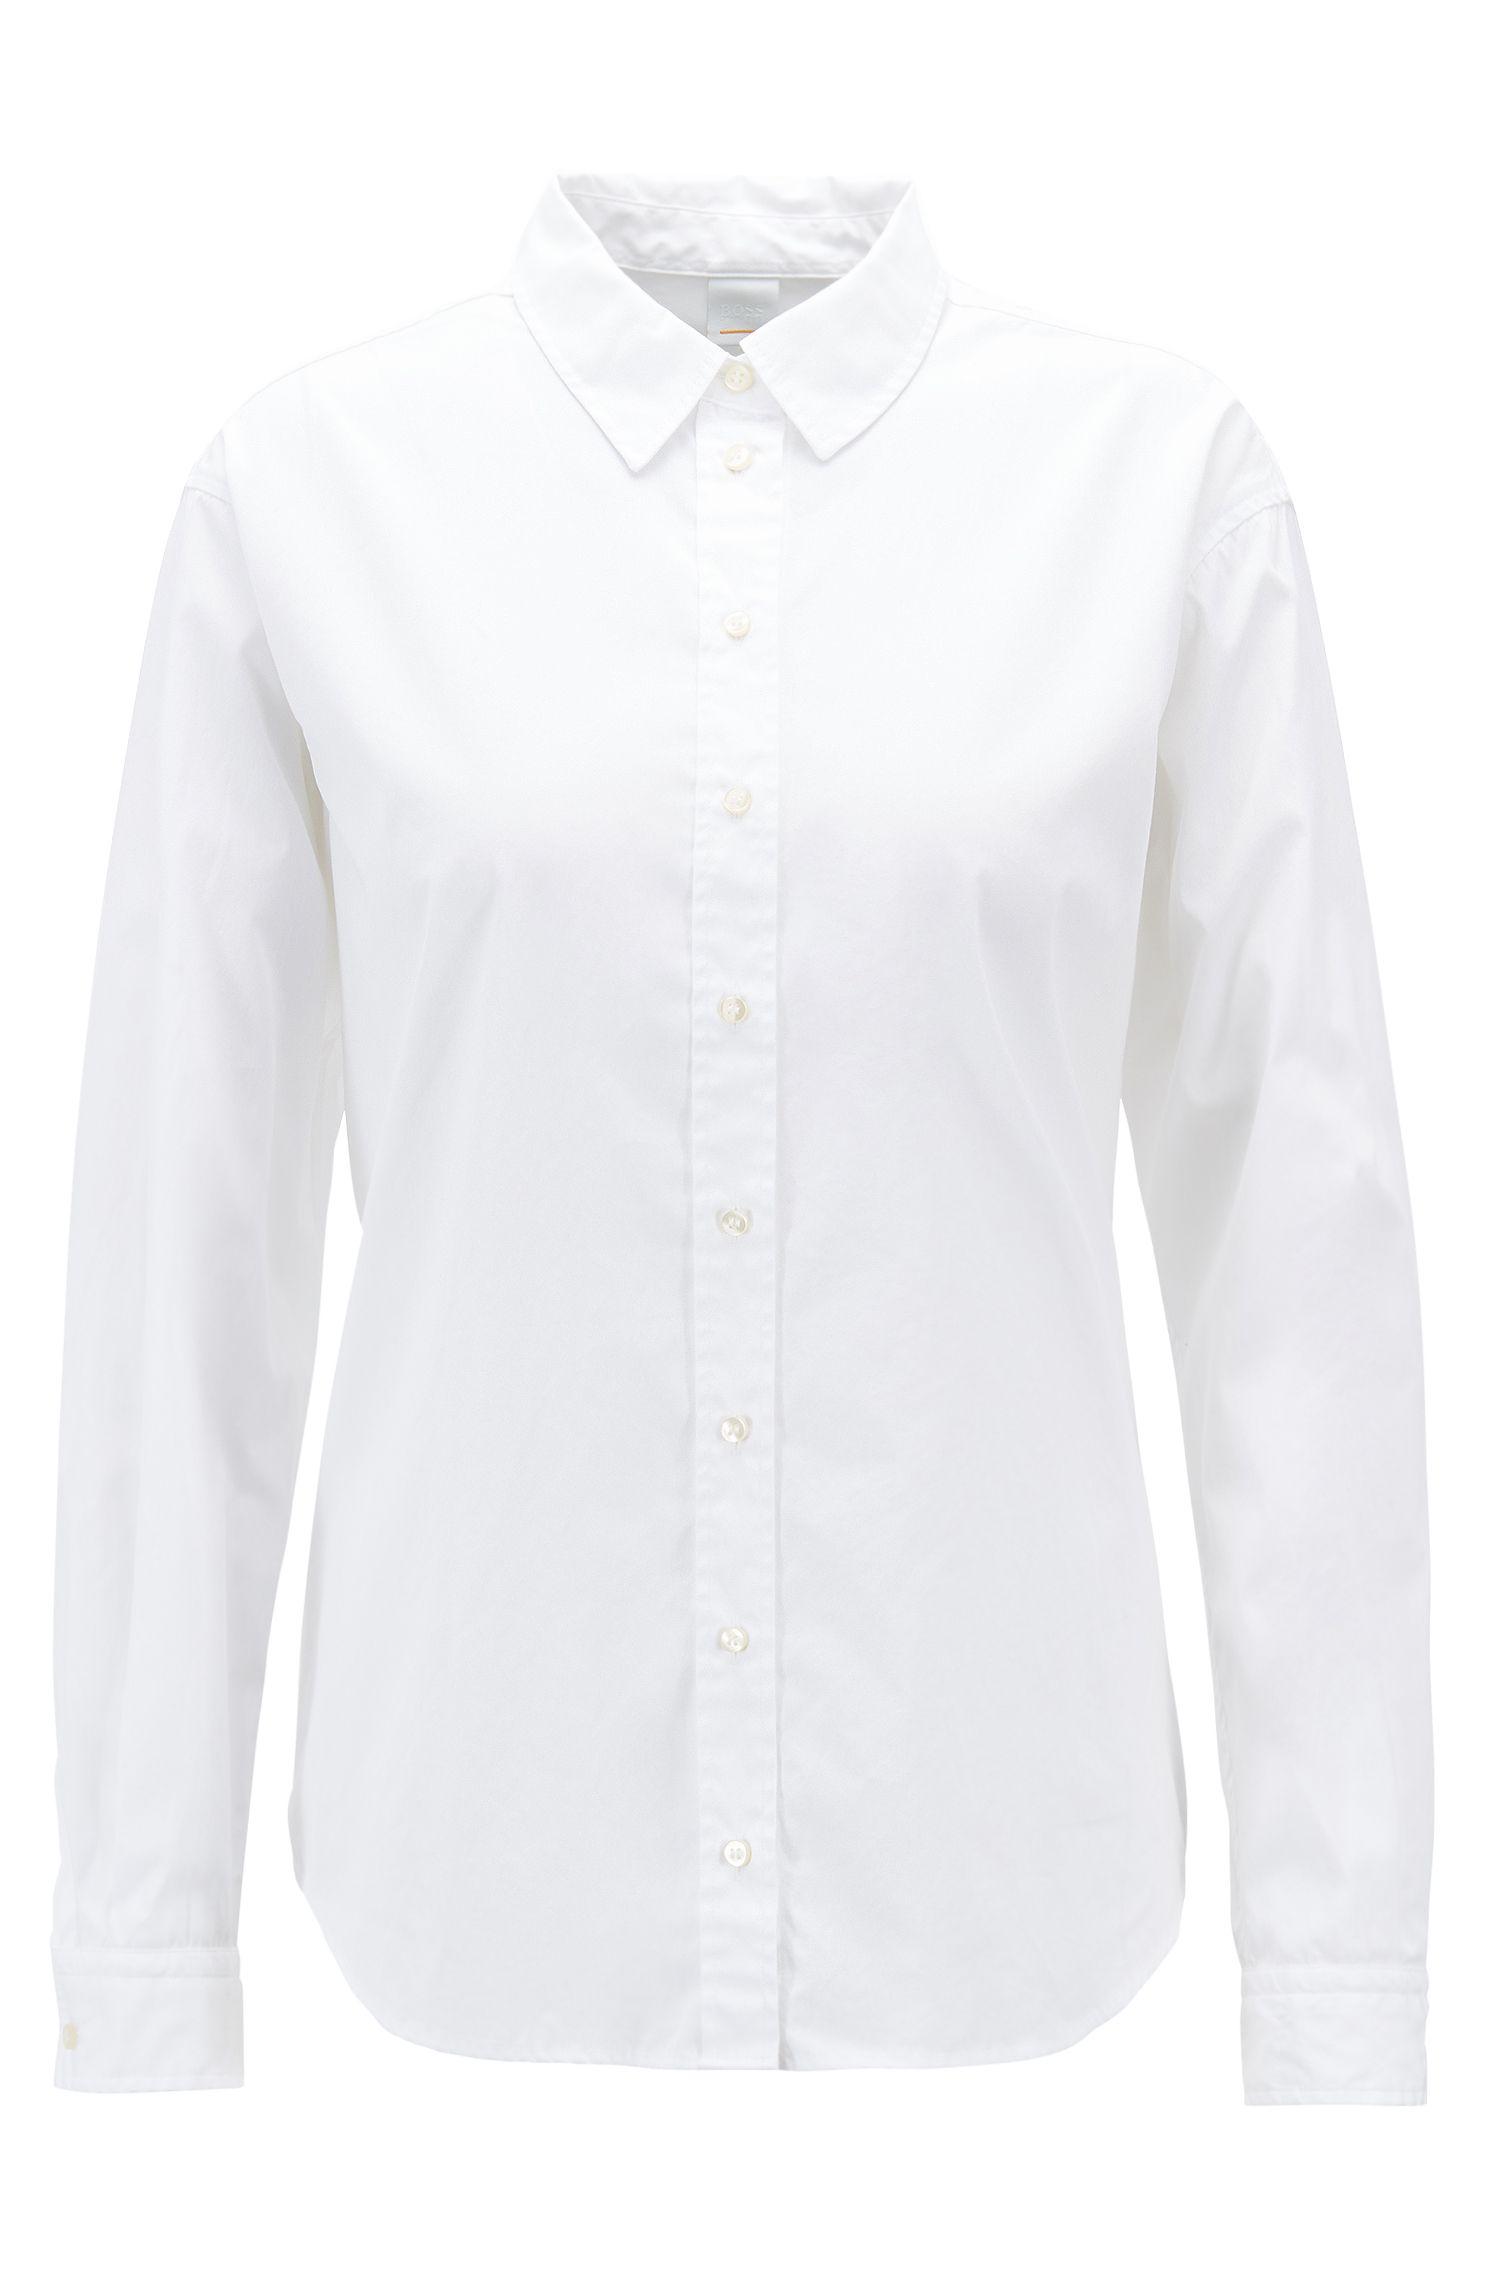 Regular-Fit Bluse aus gewaschener Baumwoll-Popeline, Weiß